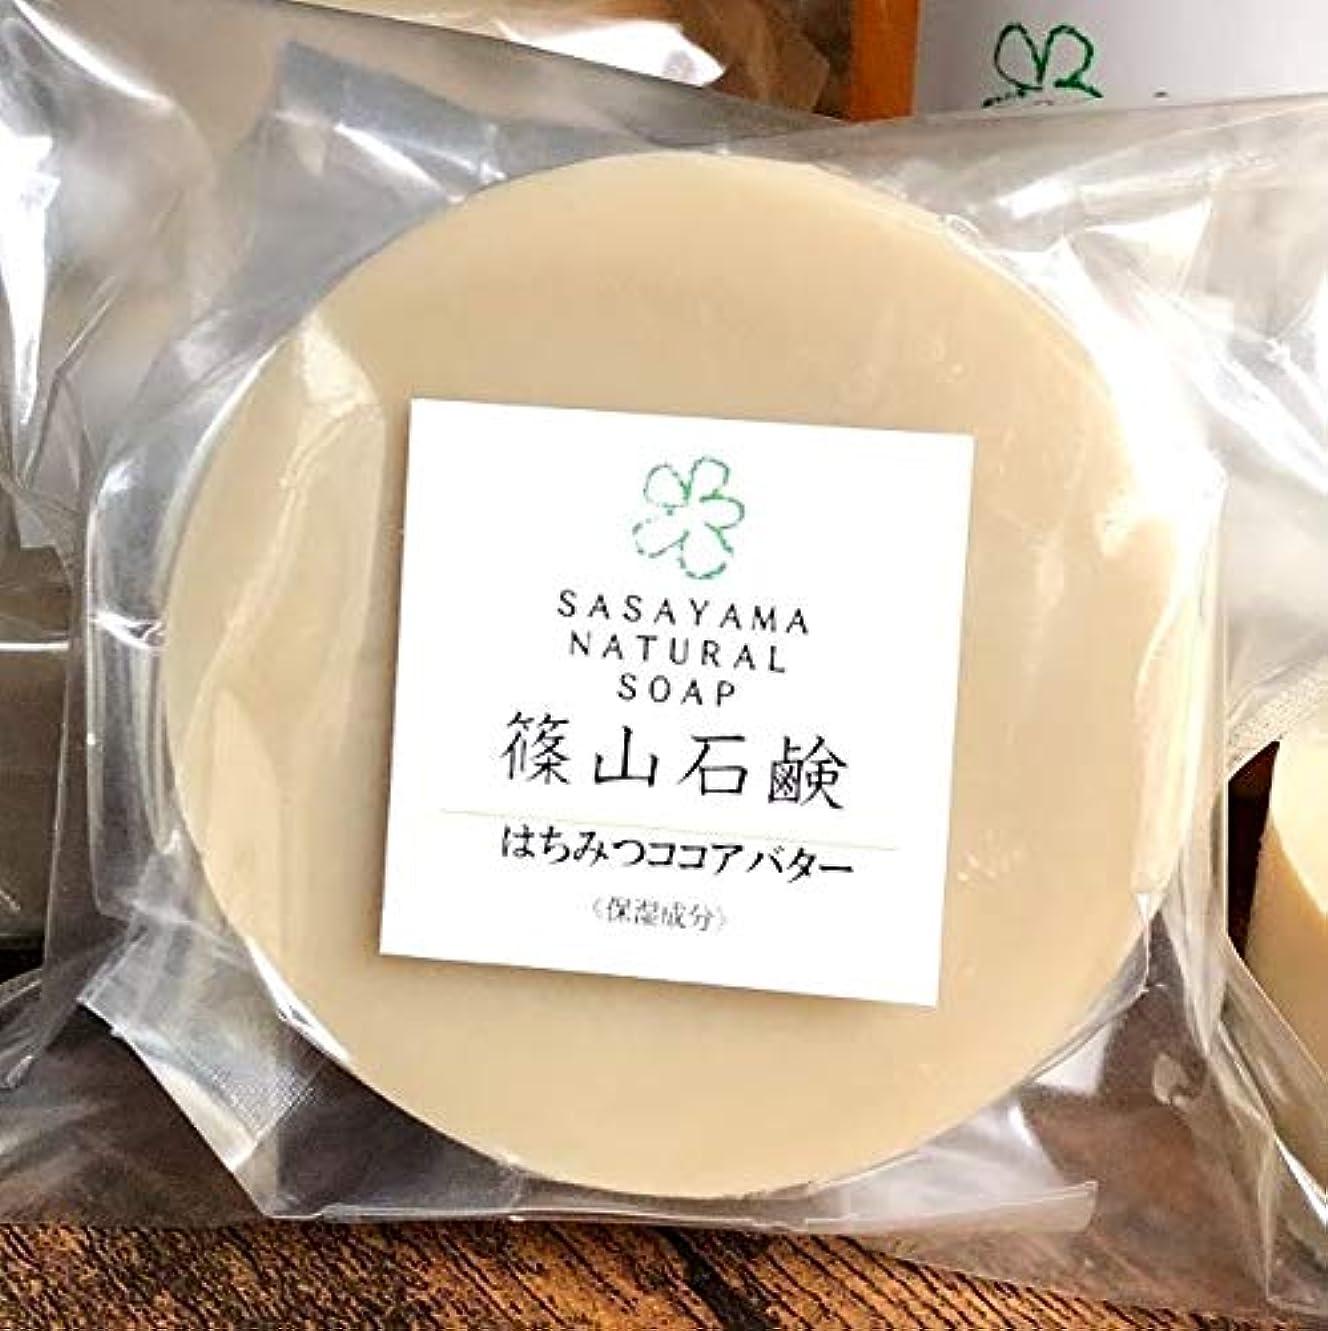 引き付けるプロフィール望む篠山石鹸 はちみつココアバター 85g ミツバチ農家が作るった「ハチミツ洗顔せっけん」) コールドプロセス製法